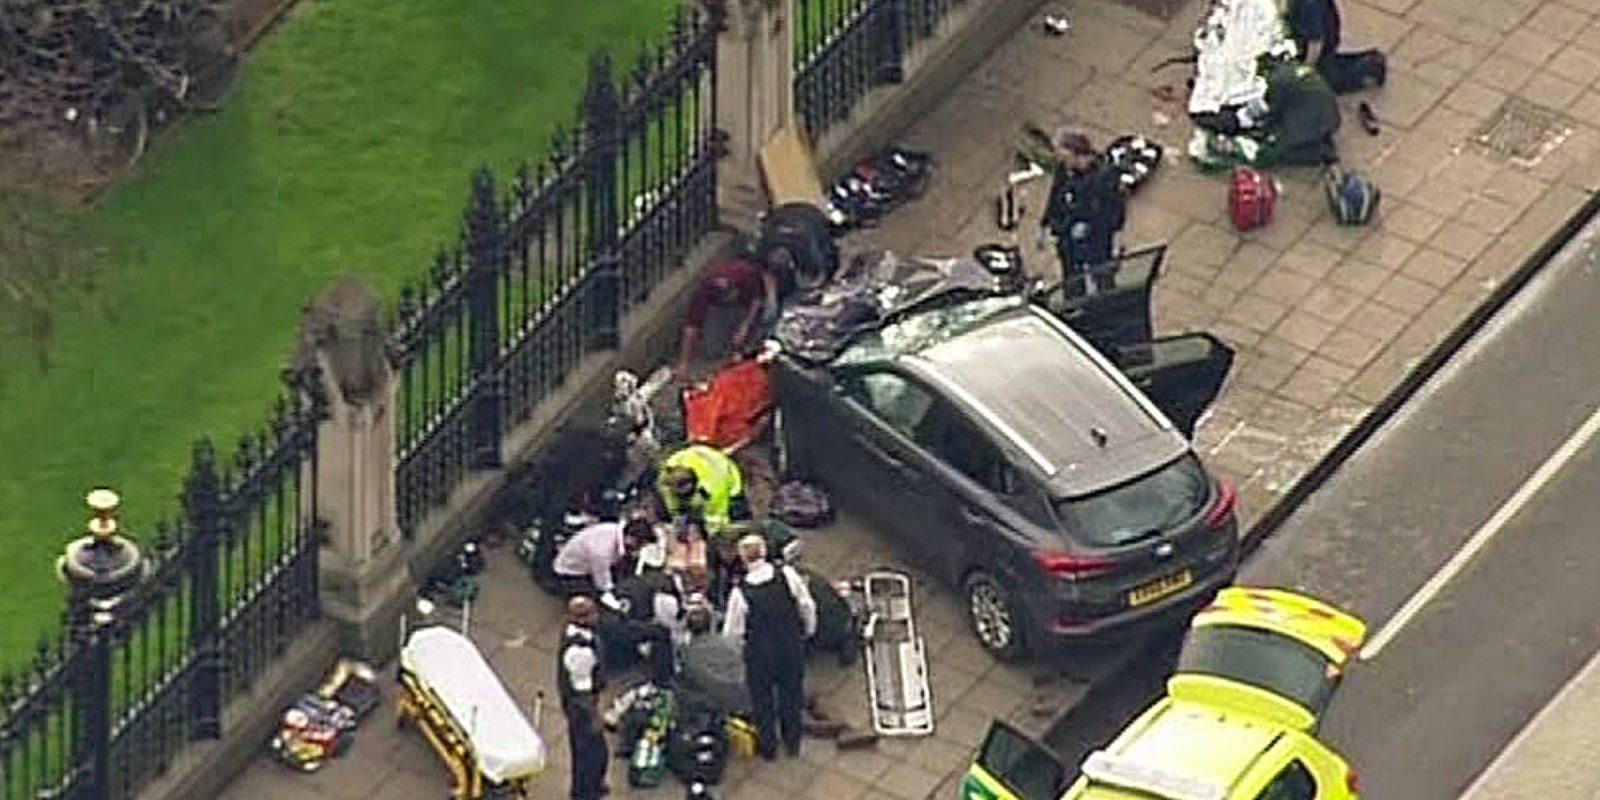 © AP 2017. Imagen Por: Agentes de la policía alrededor del auto que se estrelló adyacente al área de las Casas del Parlamento. / AP